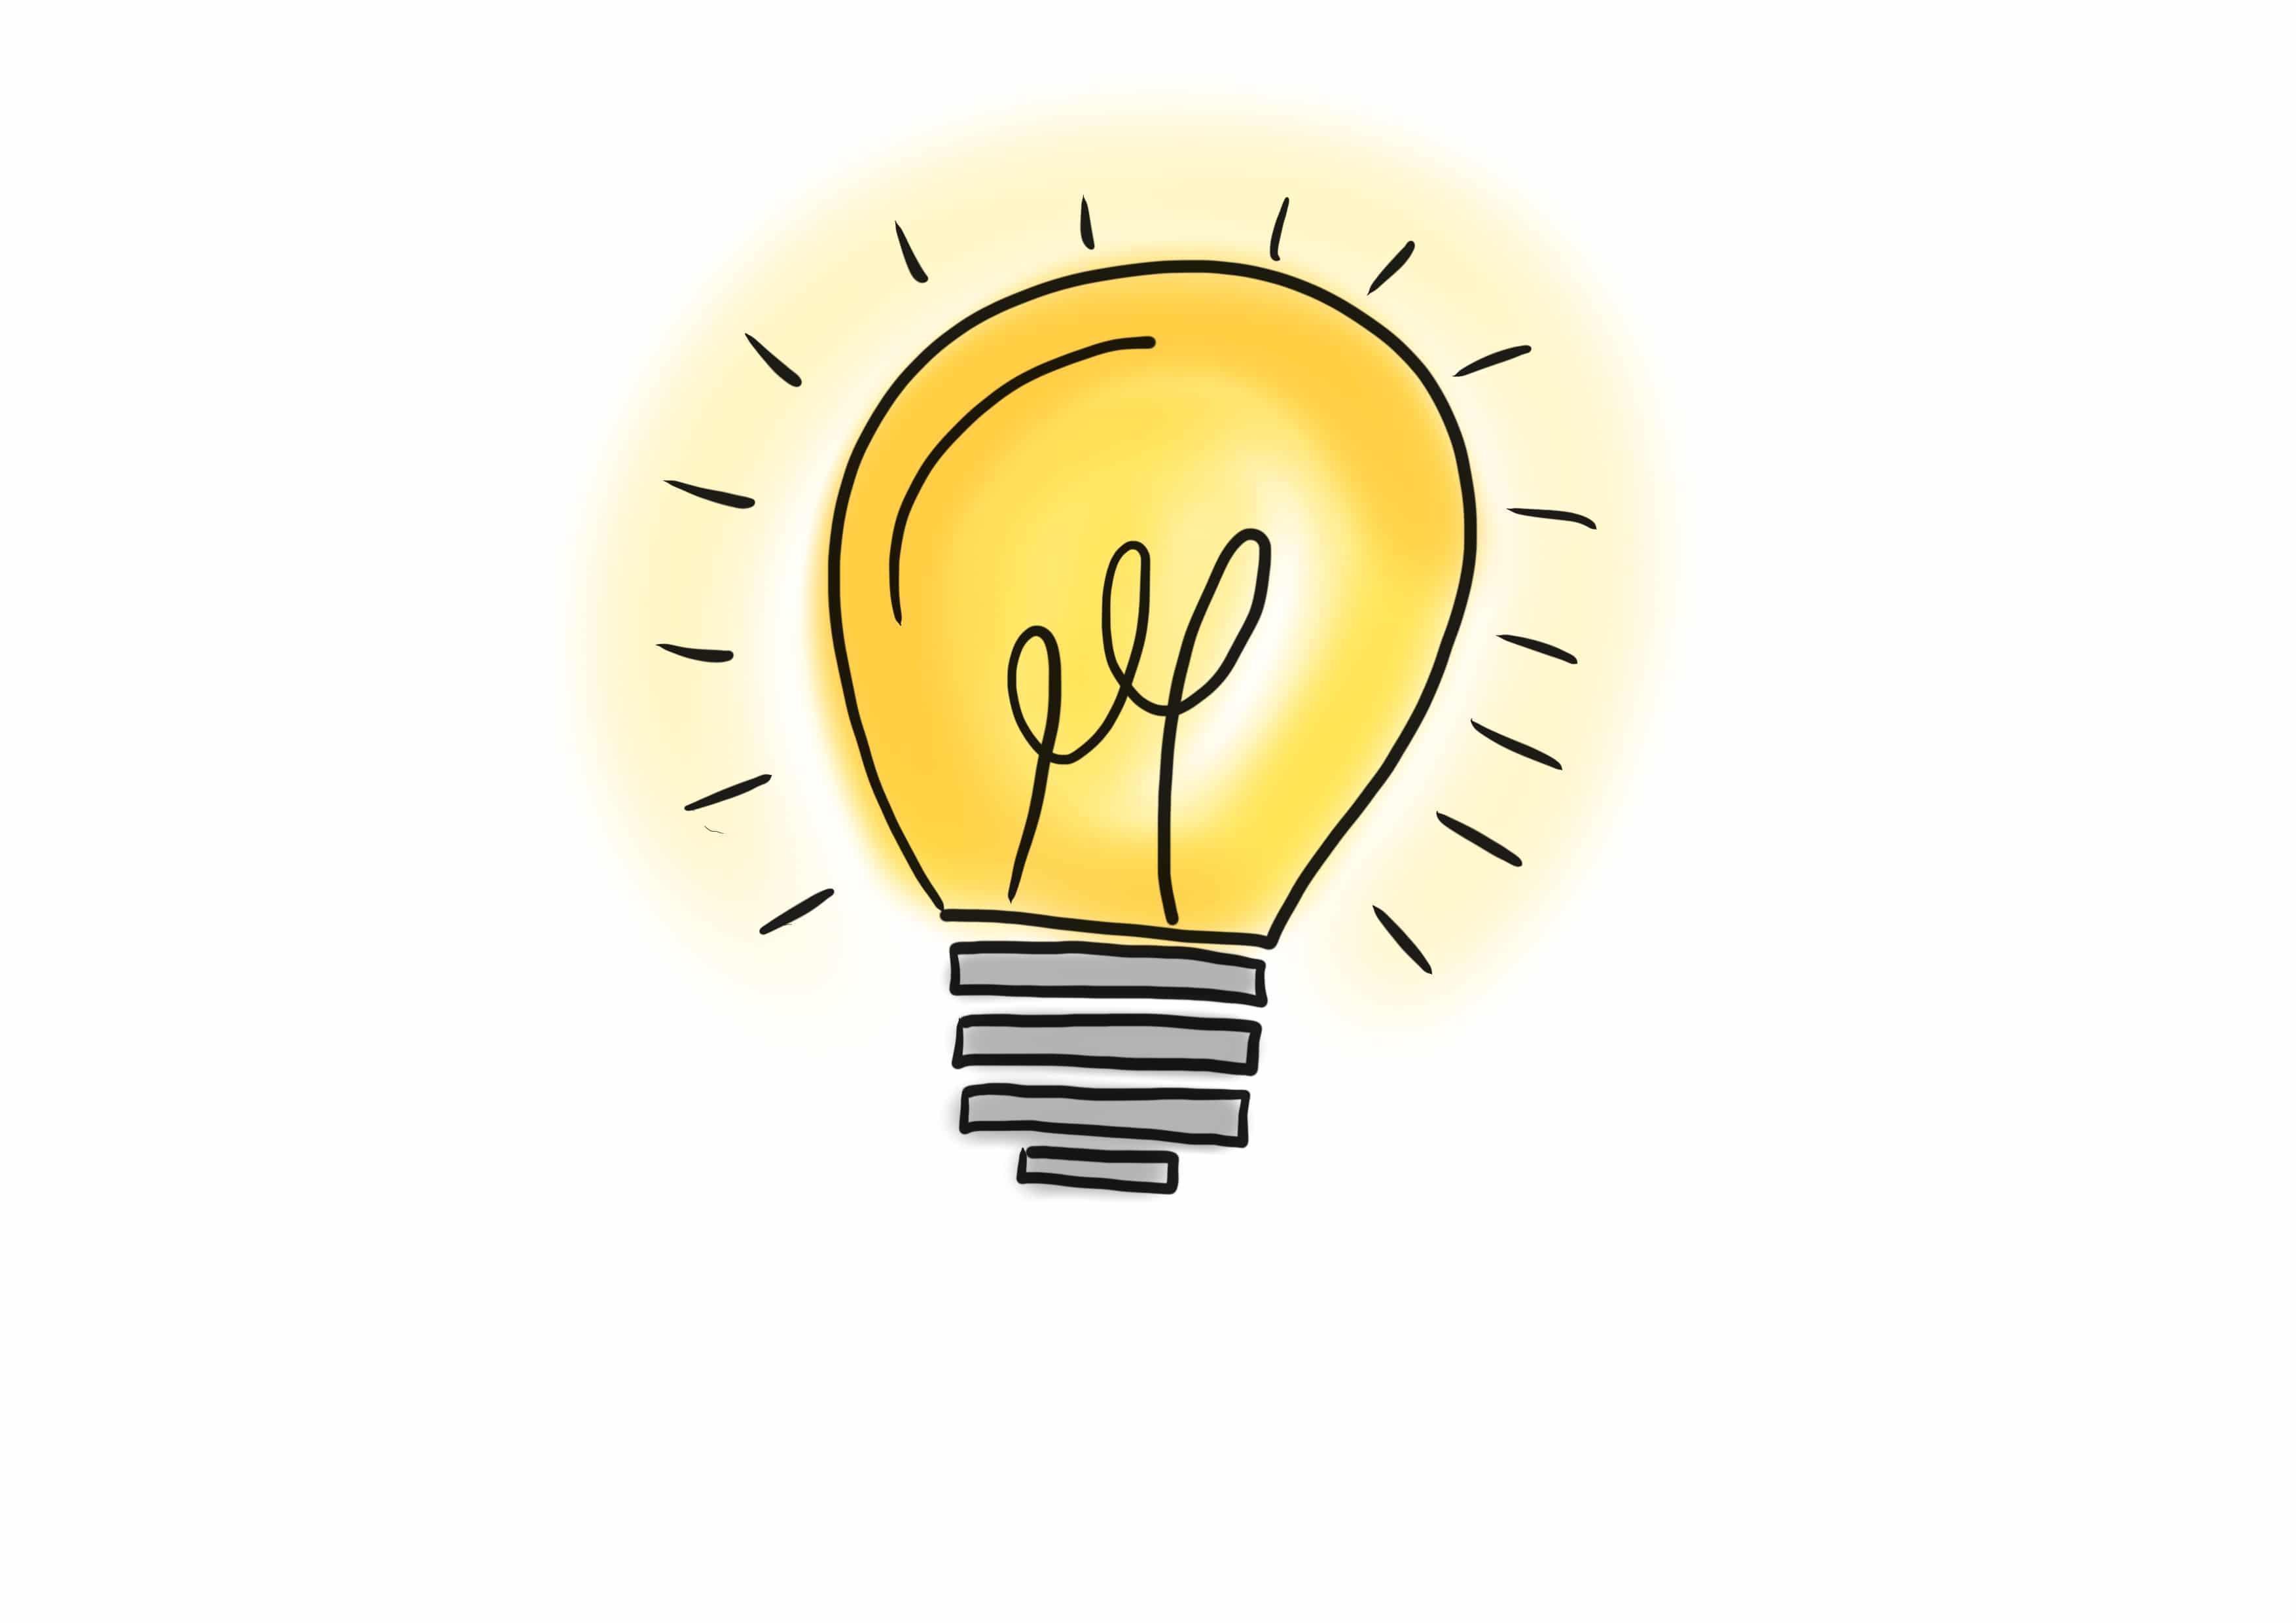 Idé-udvikling  –  Designproces